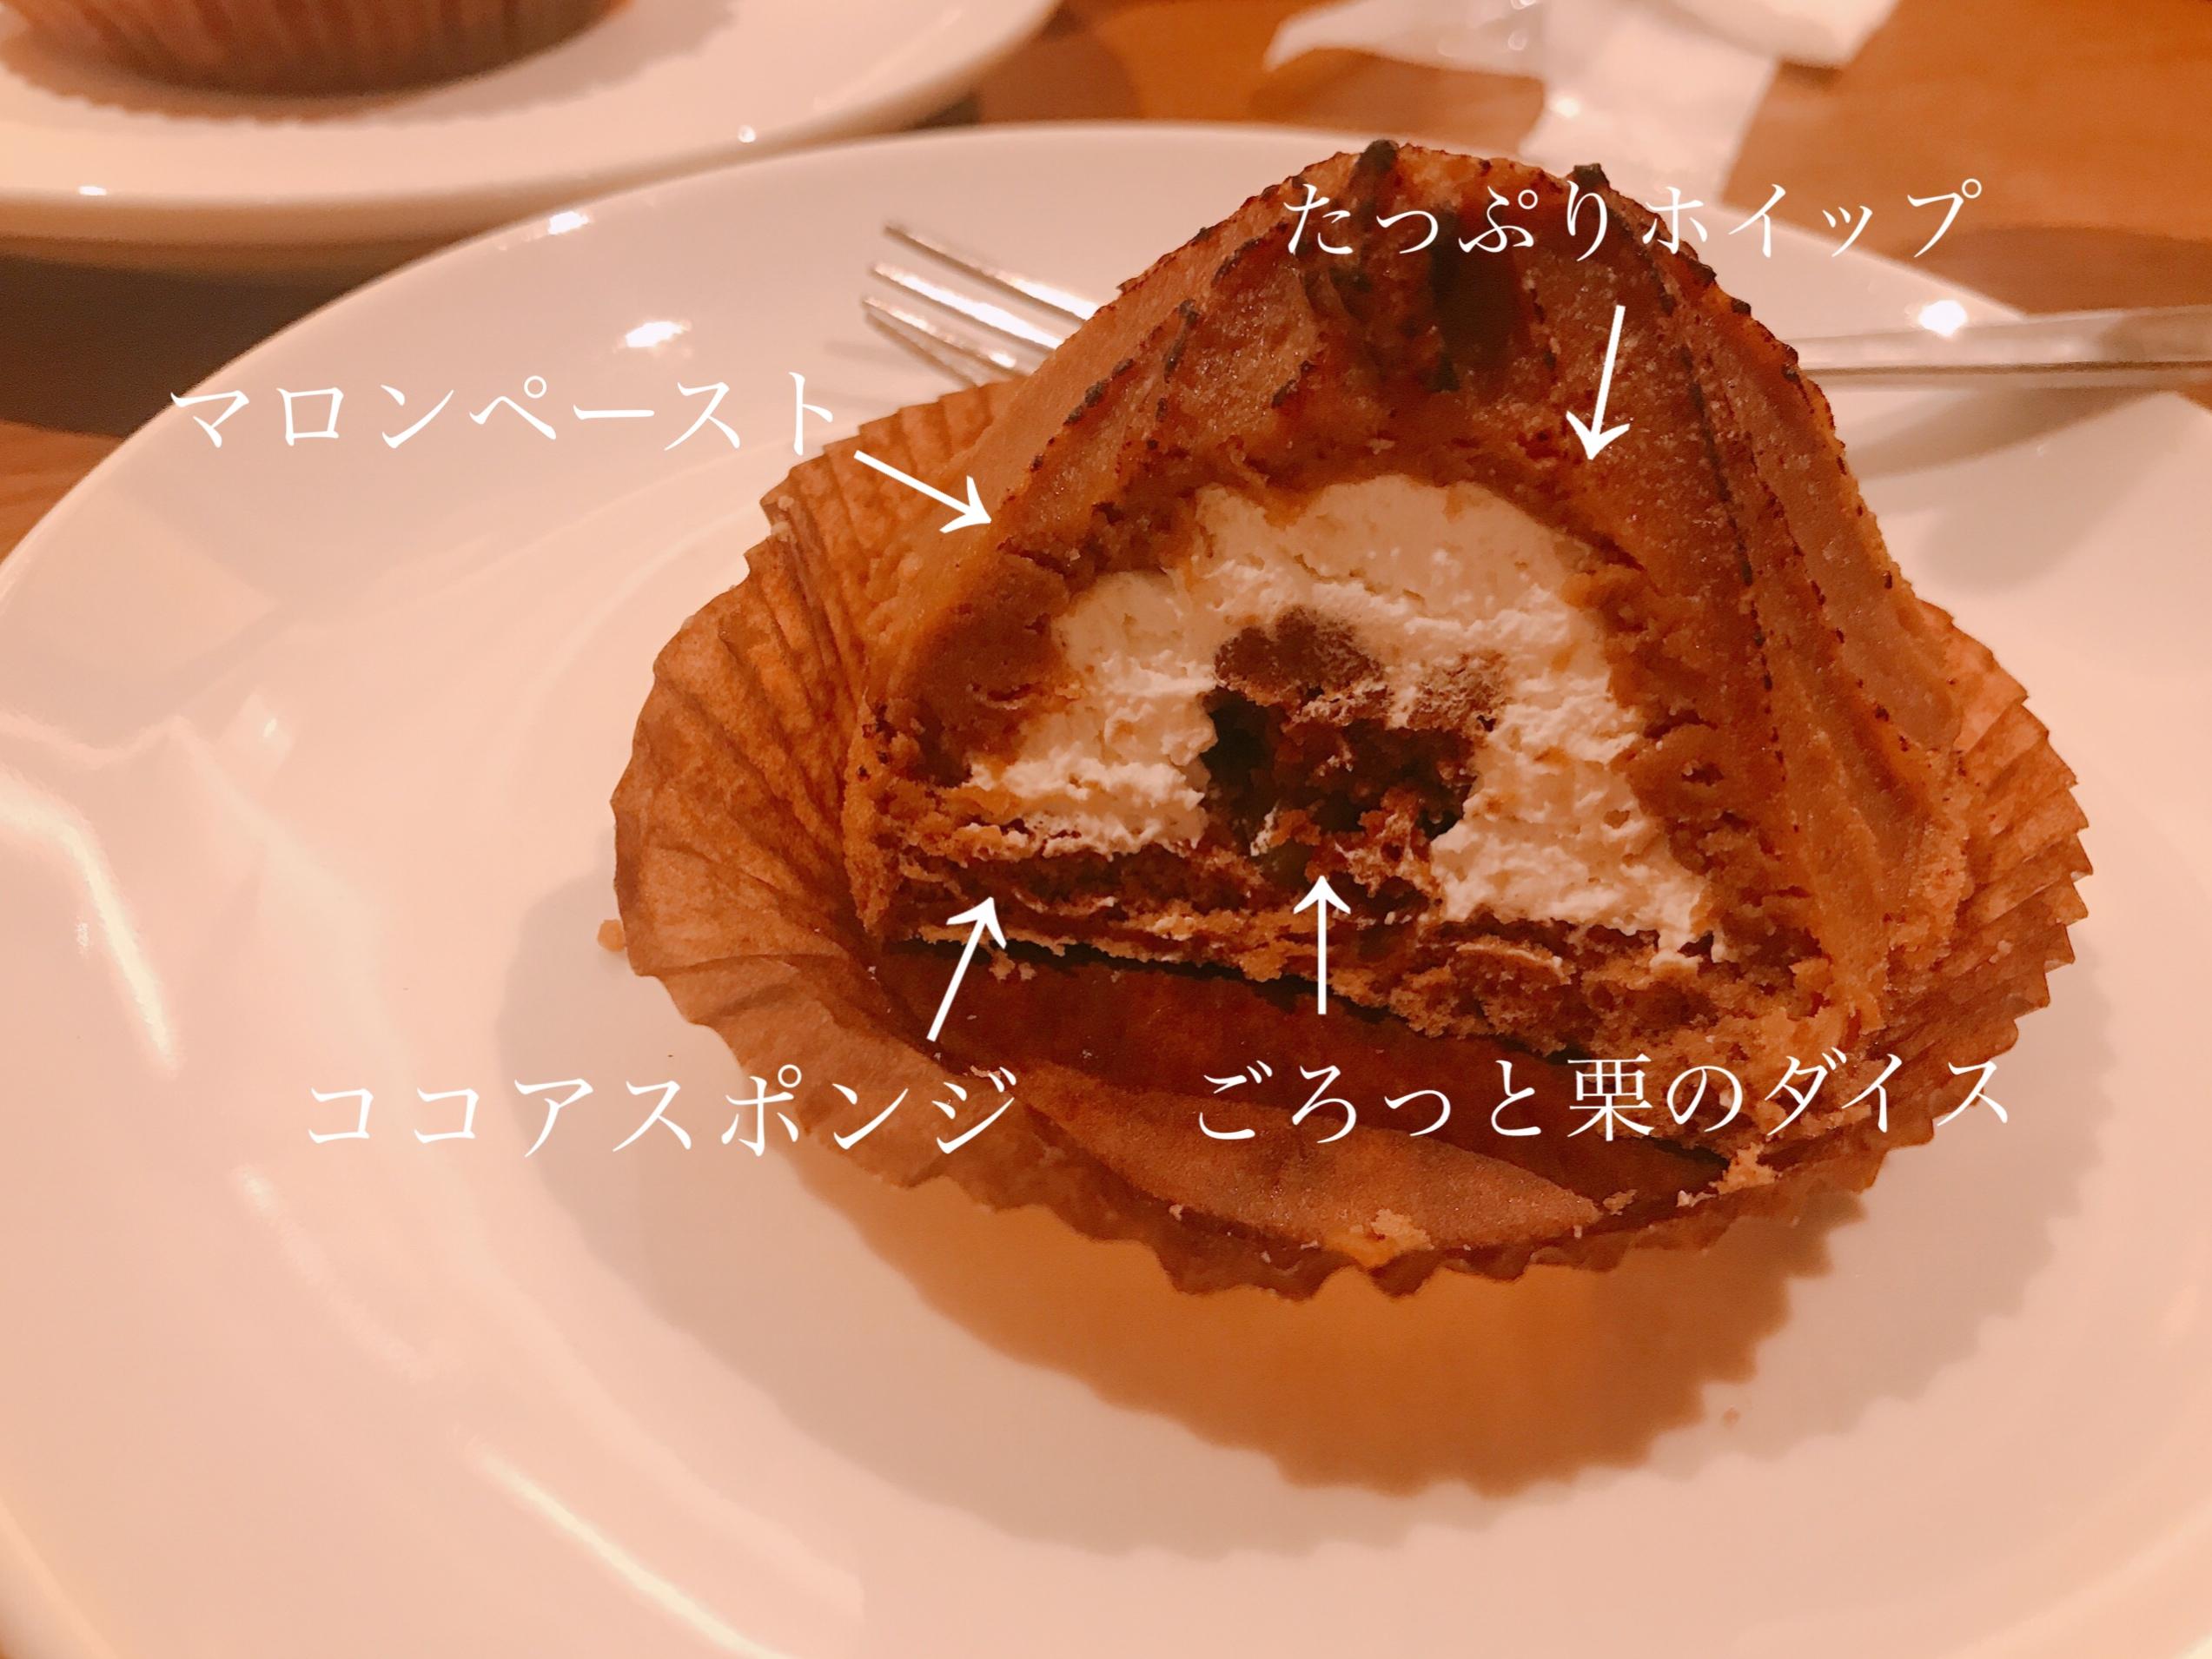 【秋のスタバ】濃厚マロンペーストの《焼き栗モンブラン》♡_3